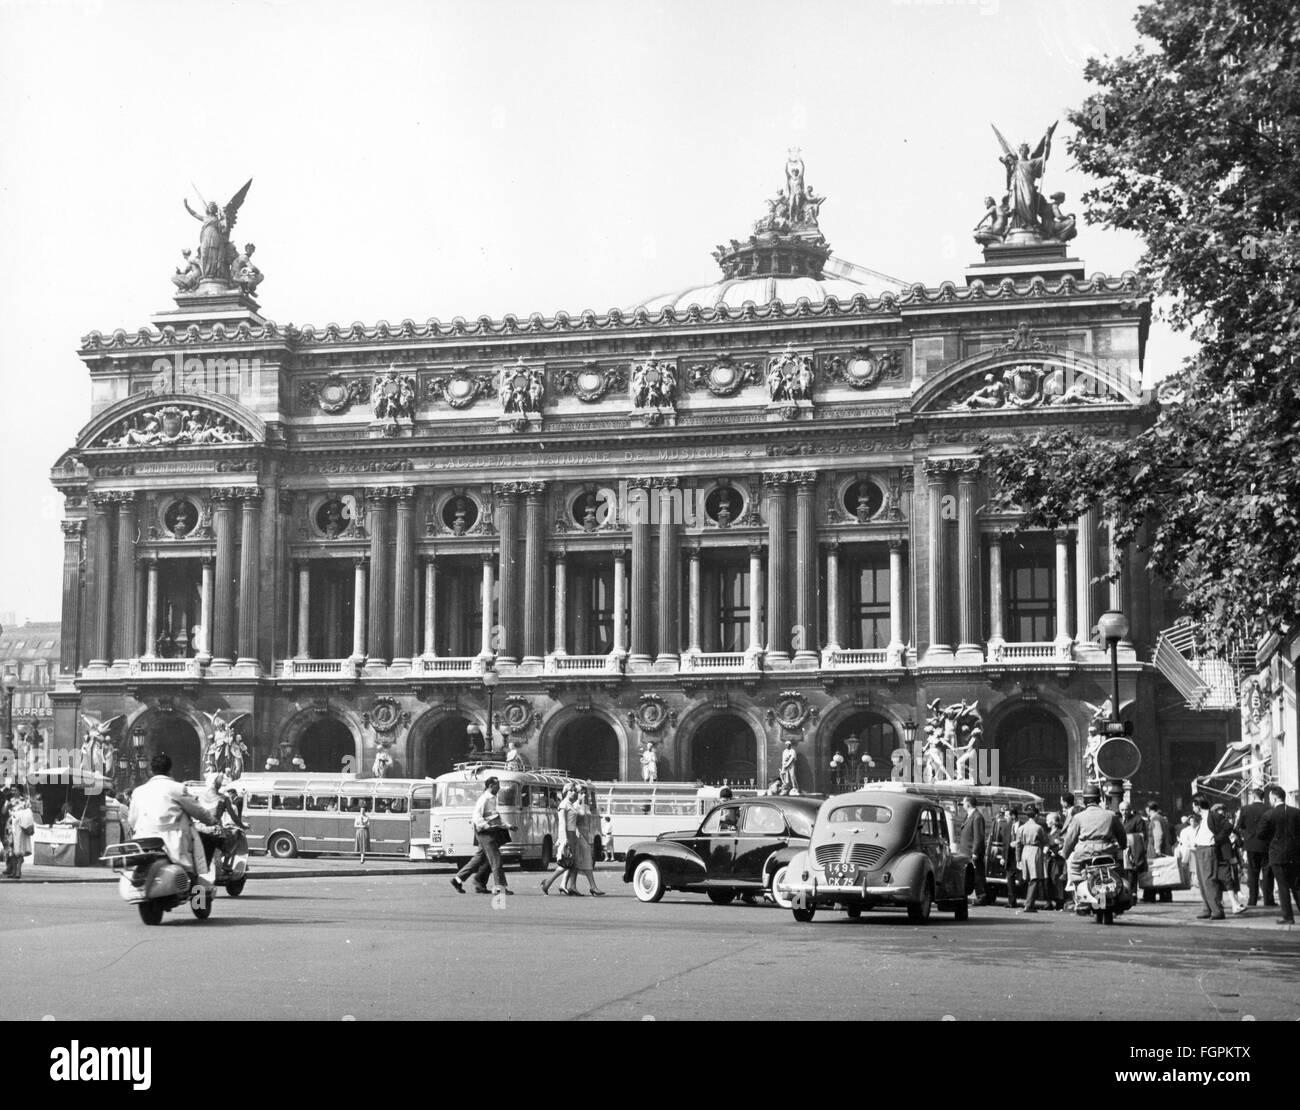 geography / travel, France, Paris, buildings, opera, Palais Garnier, place de l  Opéra, exterior view, 1950s, - Stock Image